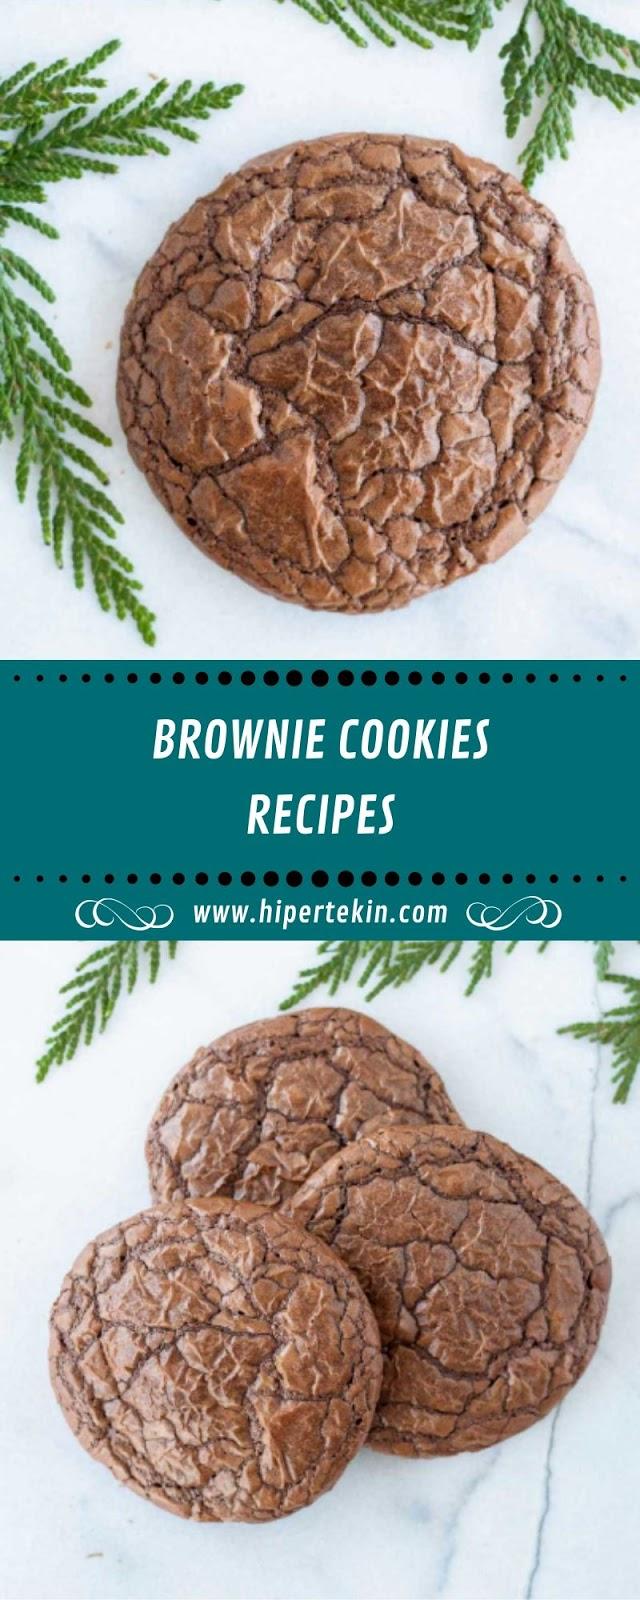 BROWNIE COOKIES RECIPES